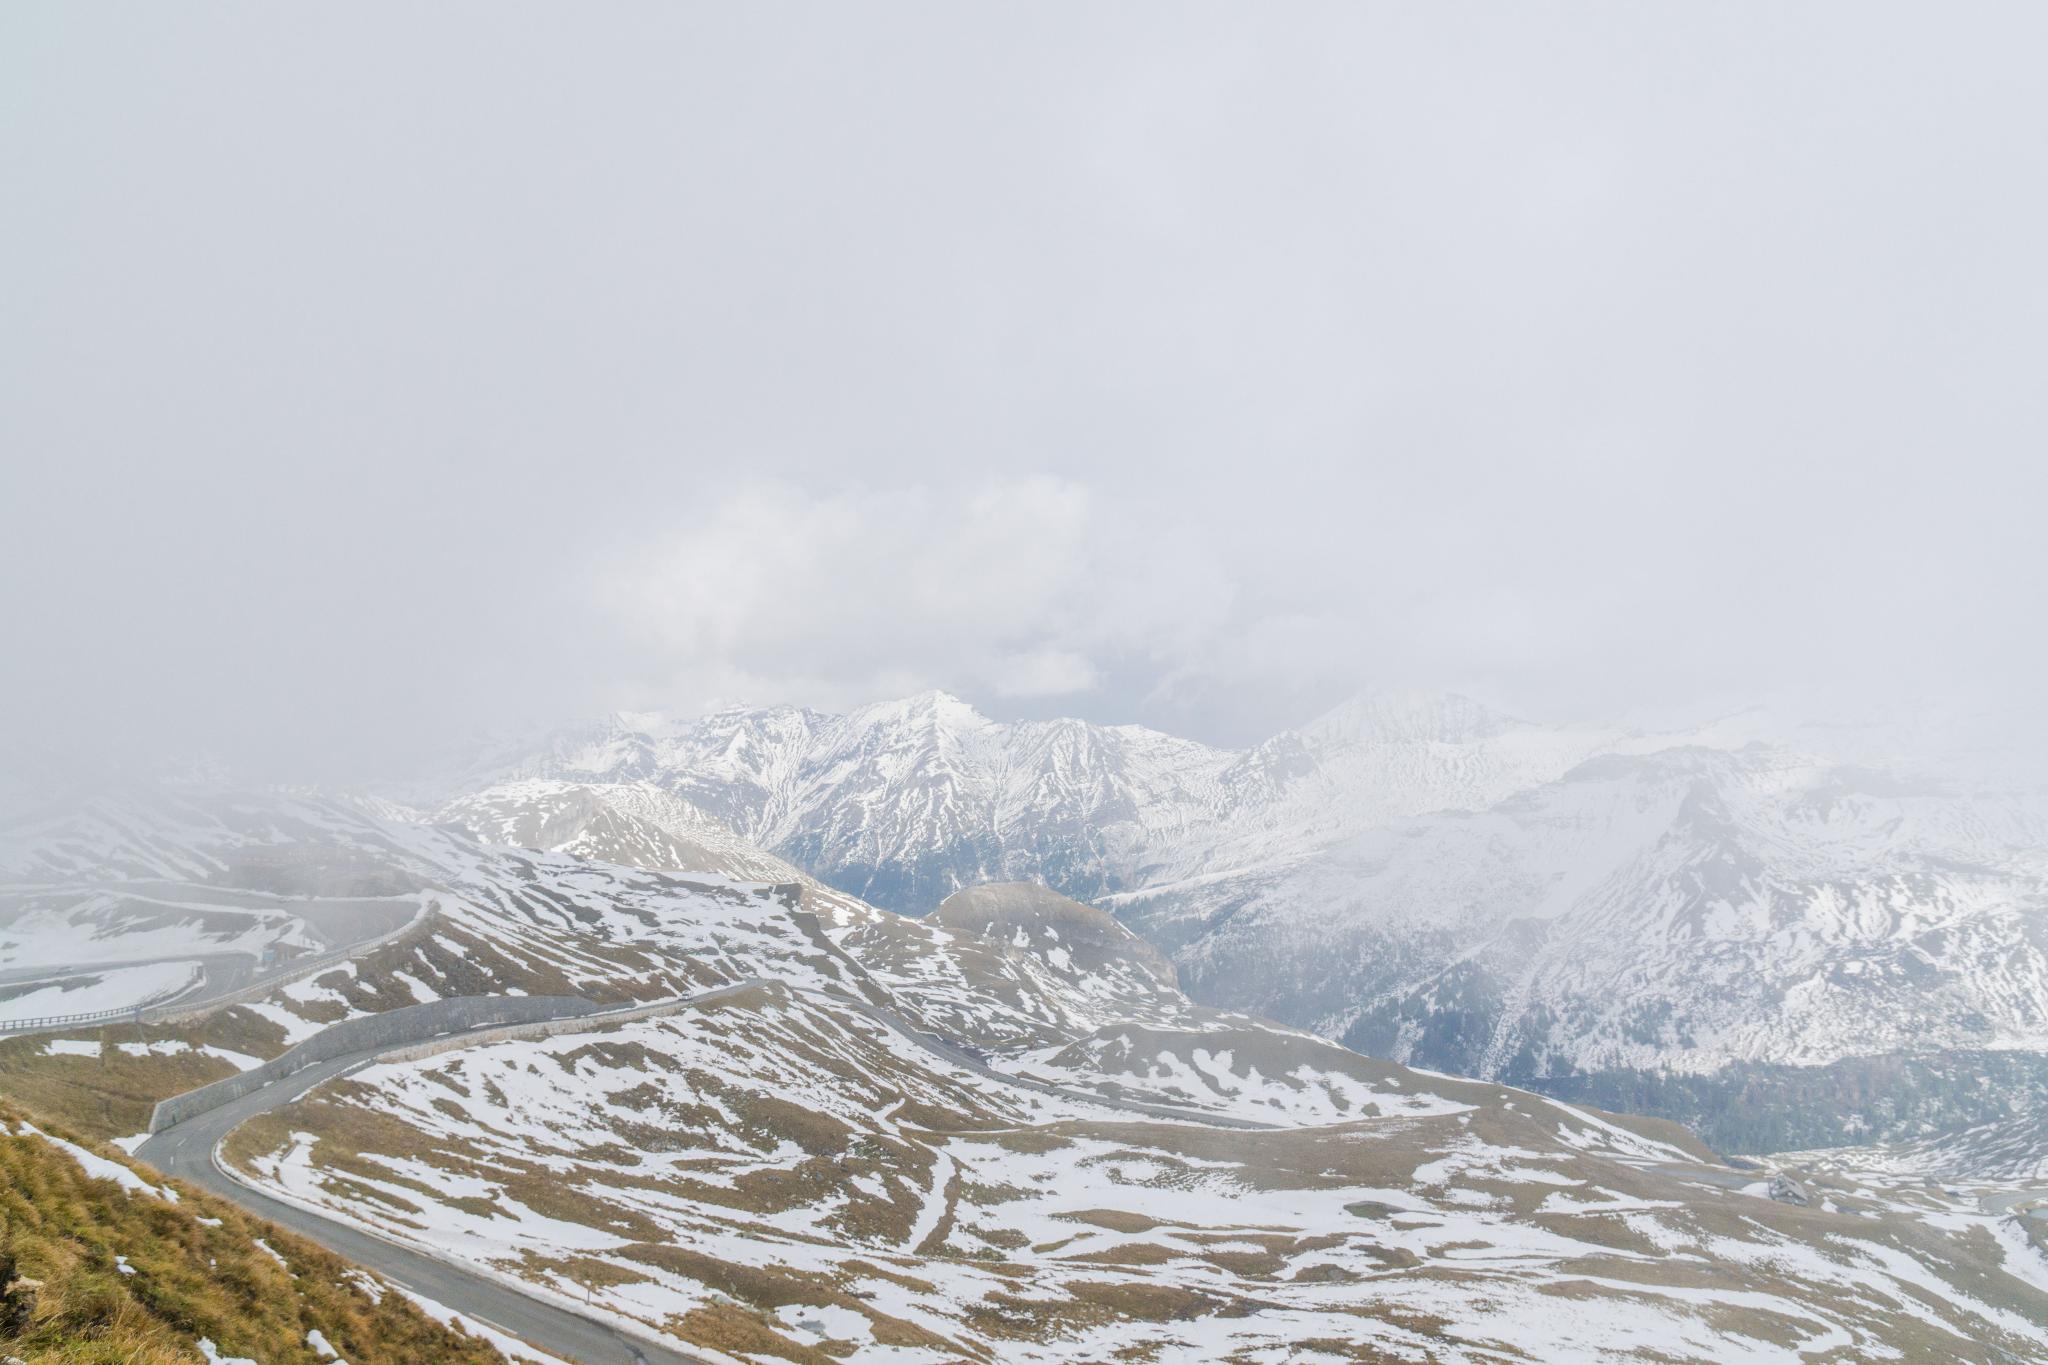 【奧地利】穿越阿爾卑斯之巔 — 奧地利大鐘山冰河公路 (Grossglockner High Alpine Road) 60